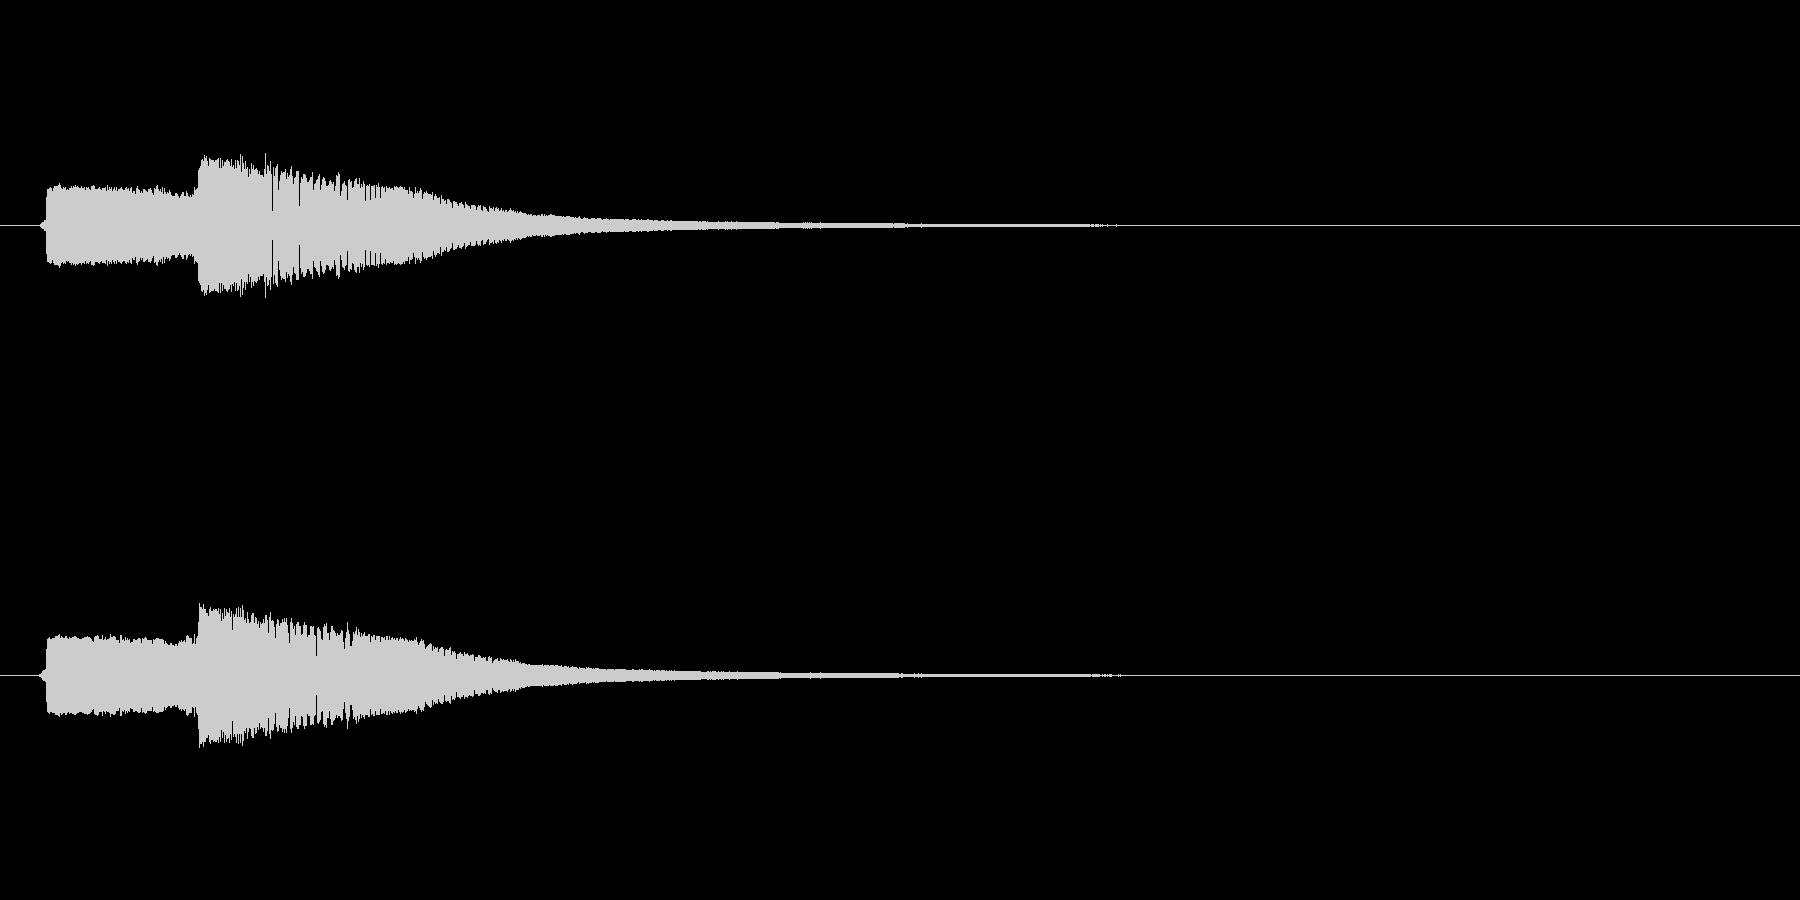 ピコン(お金を入手したときのような音)2の未再生の波形